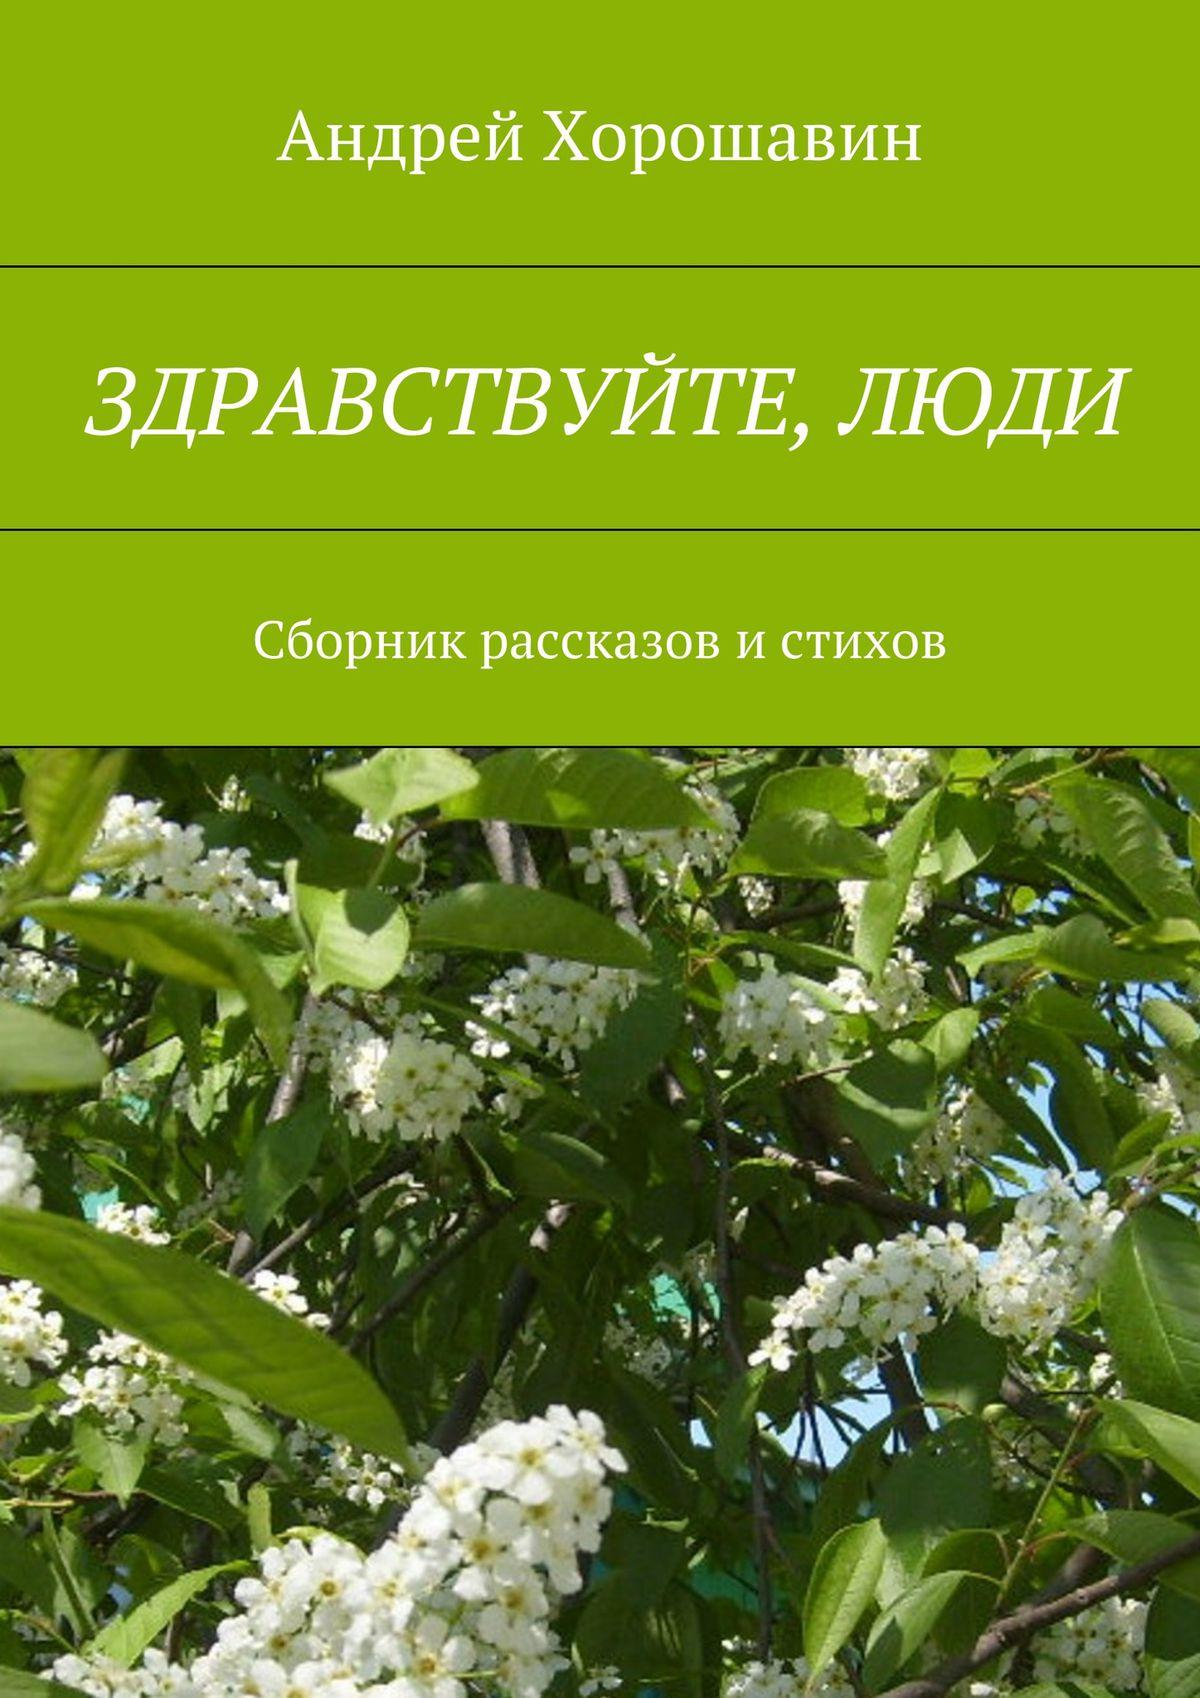 Андрей Хорошавин Здравствуйте,люди